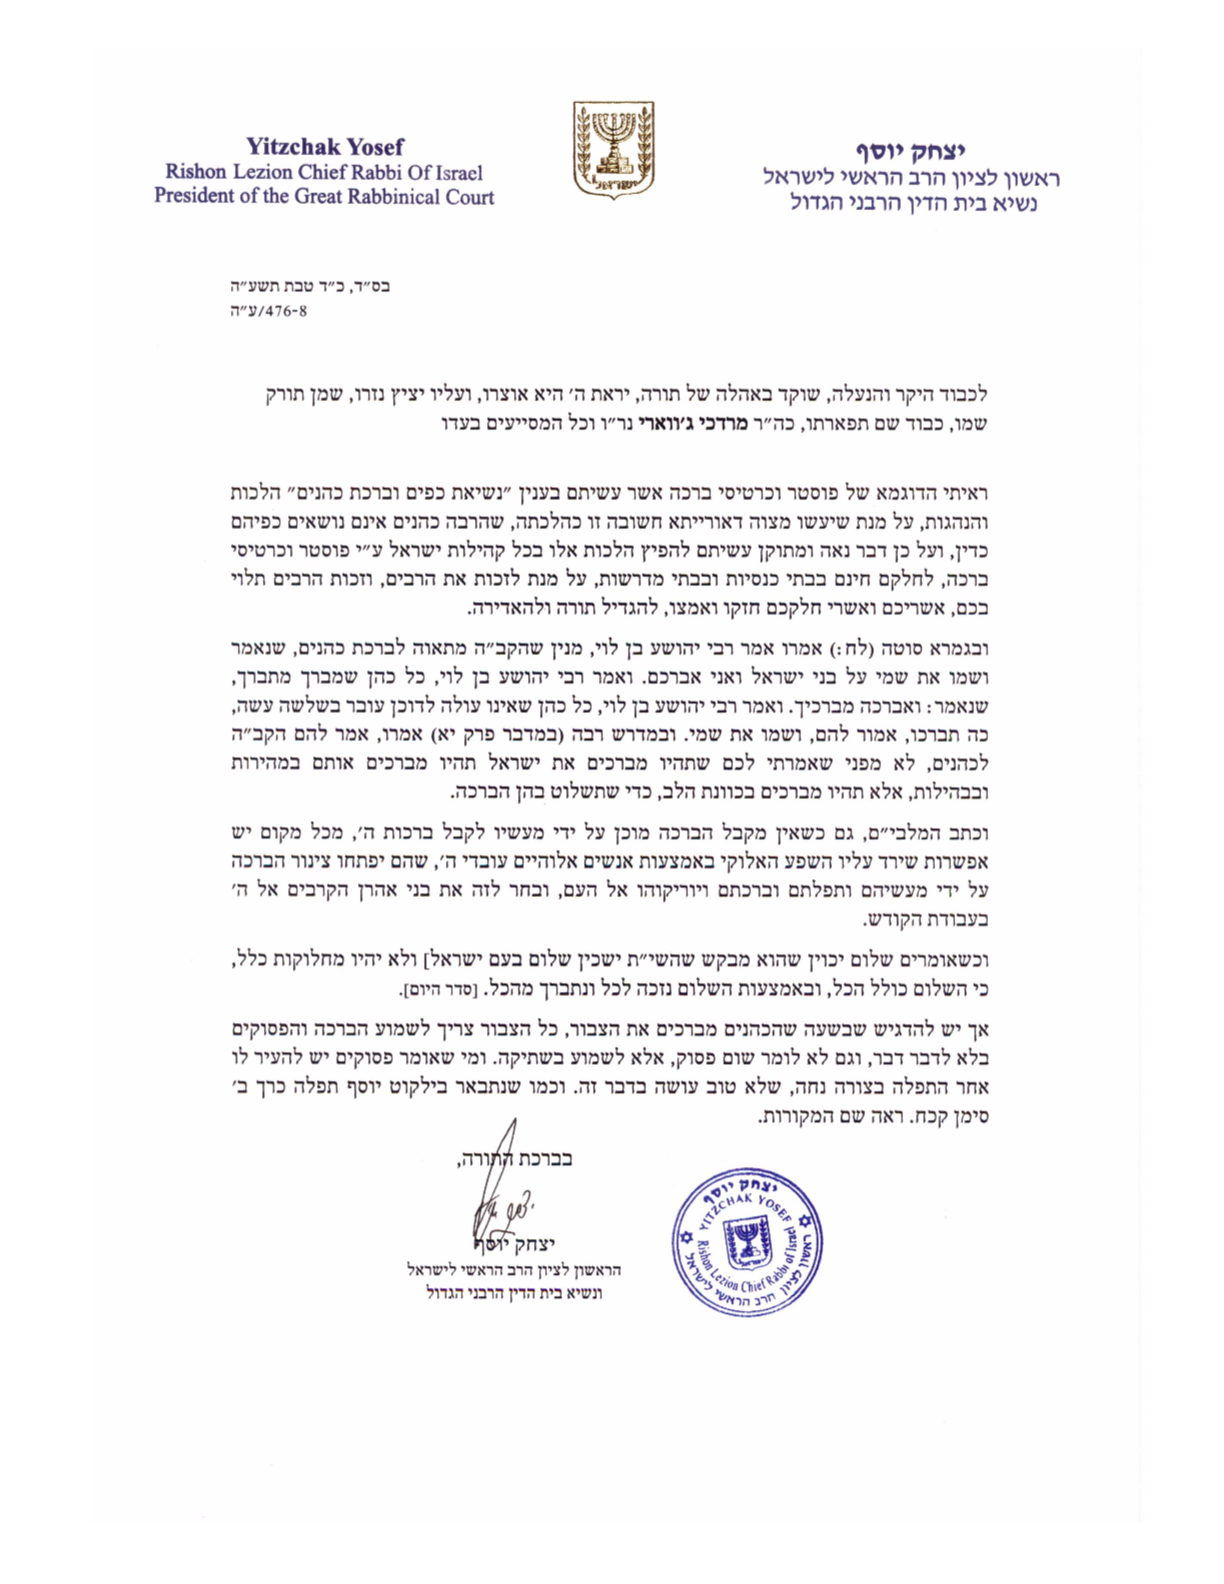 Rav Yitzchak Yosef's Haskama to the Birkat Kohanim Poster